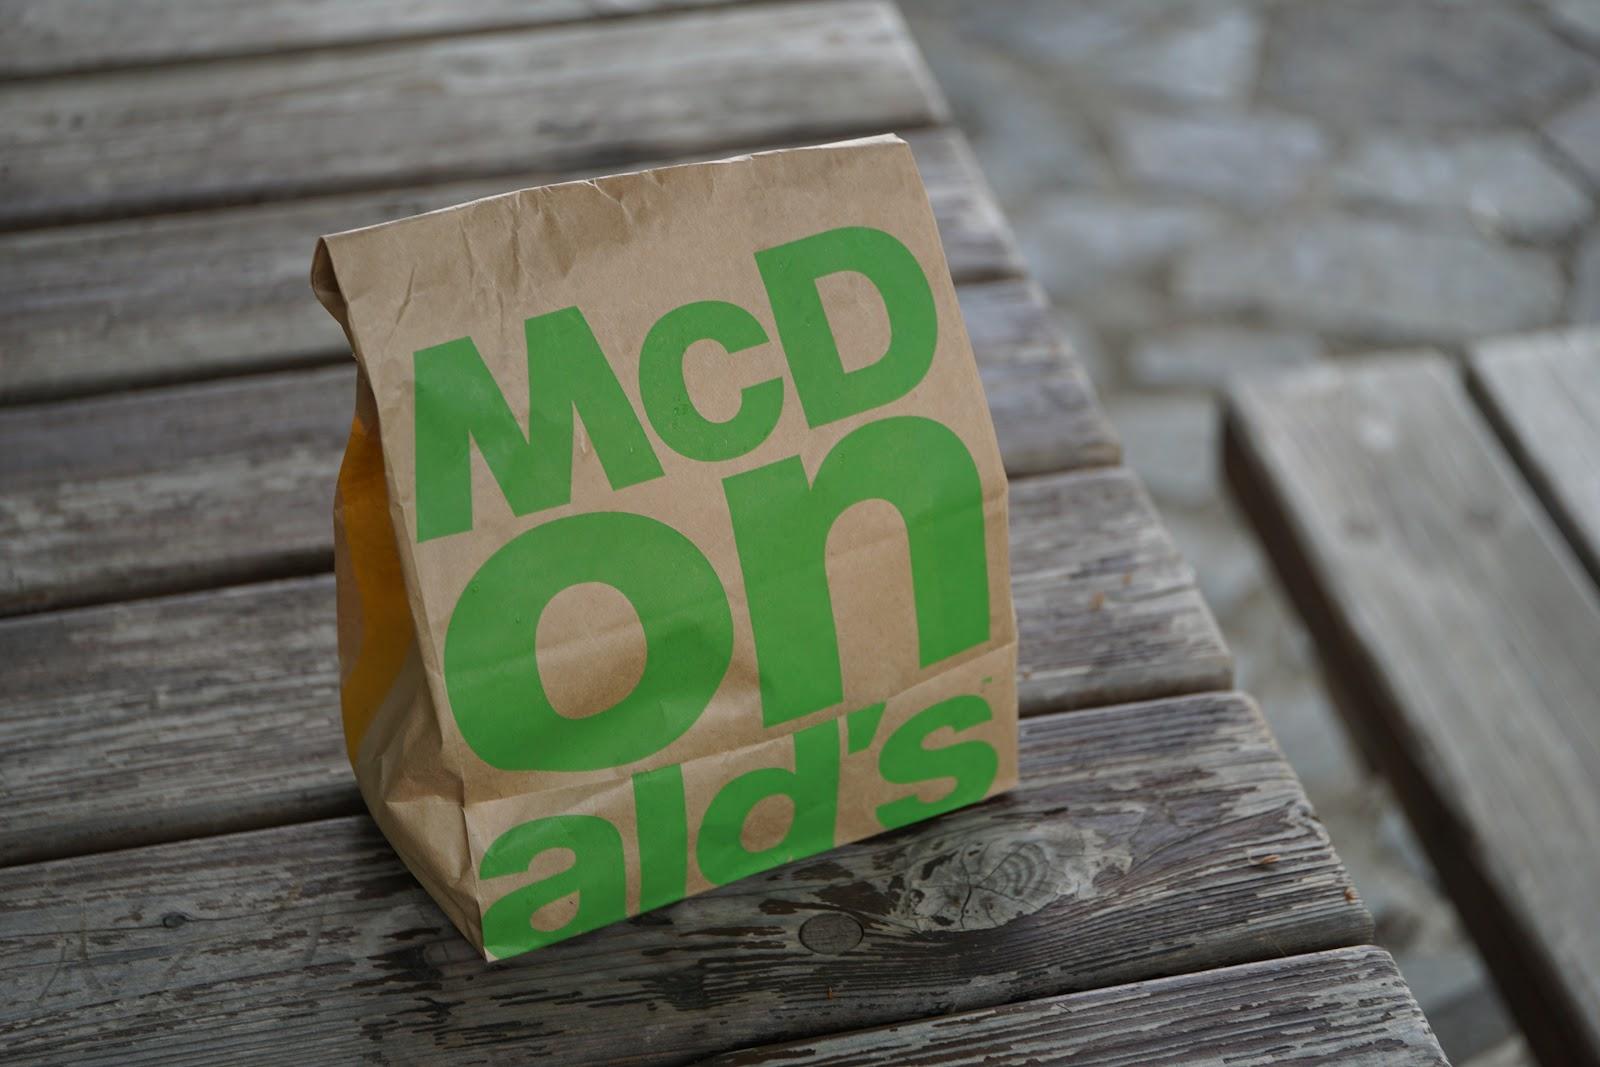 マクドナルドのハンバーガーが三つ入った紙袋